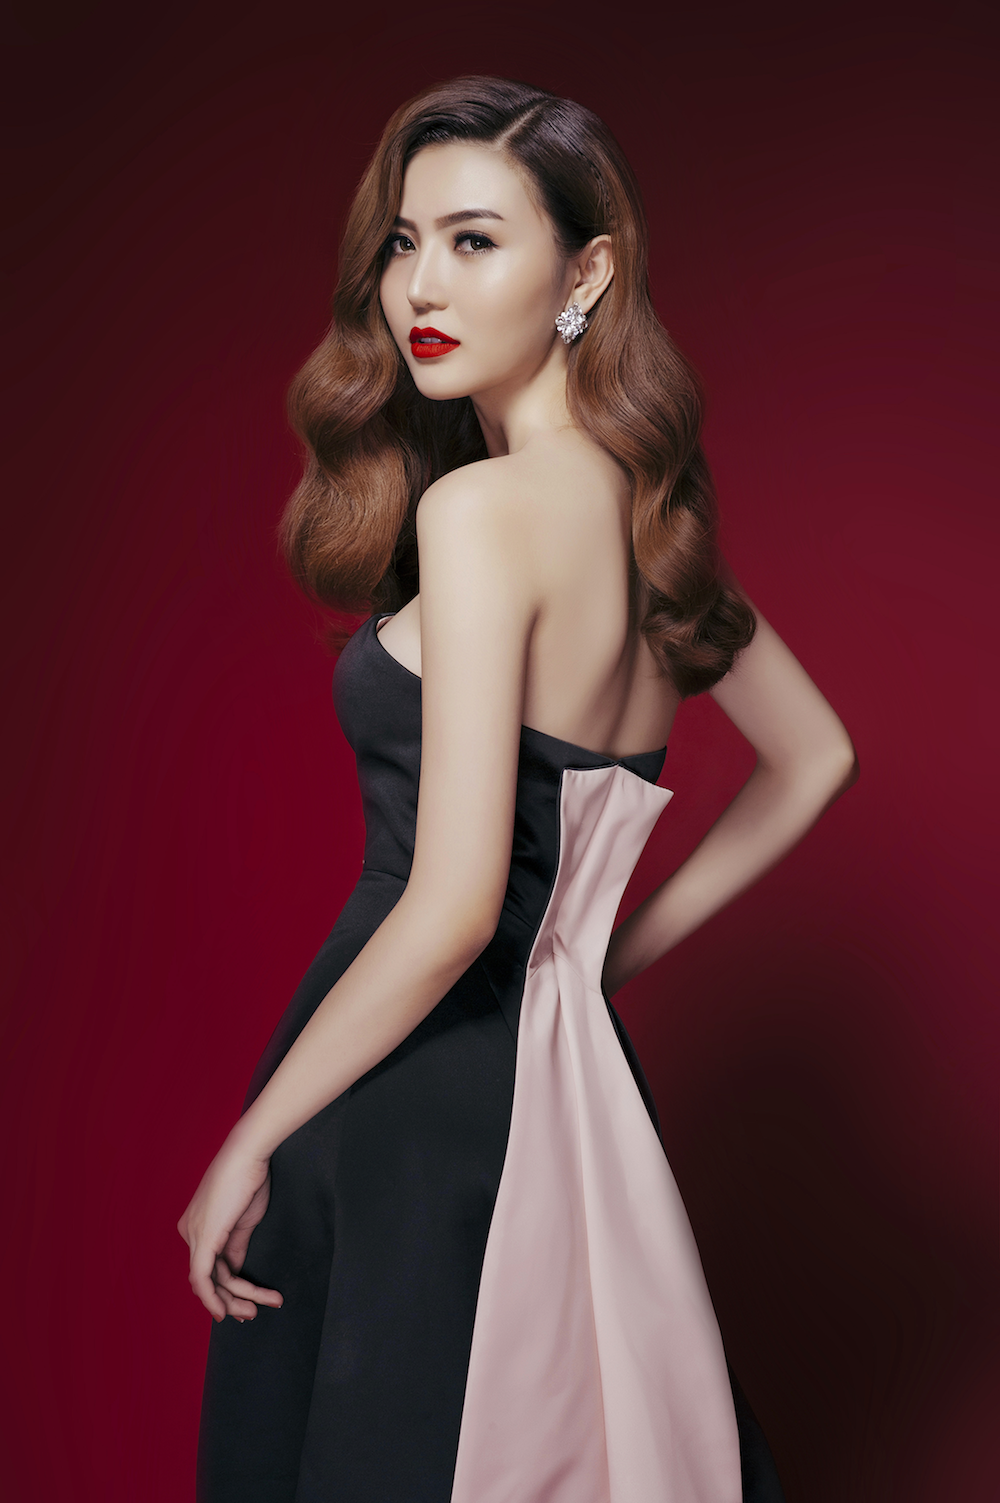 Bộ váy thứ ba của Ngọc Duyên lấy sắc đen huyền bí làm chủ đạo, thiết kế đơn giản nhưng được cắt, xẻ táo bạo lại càng làm thêm sự gợi cảm.